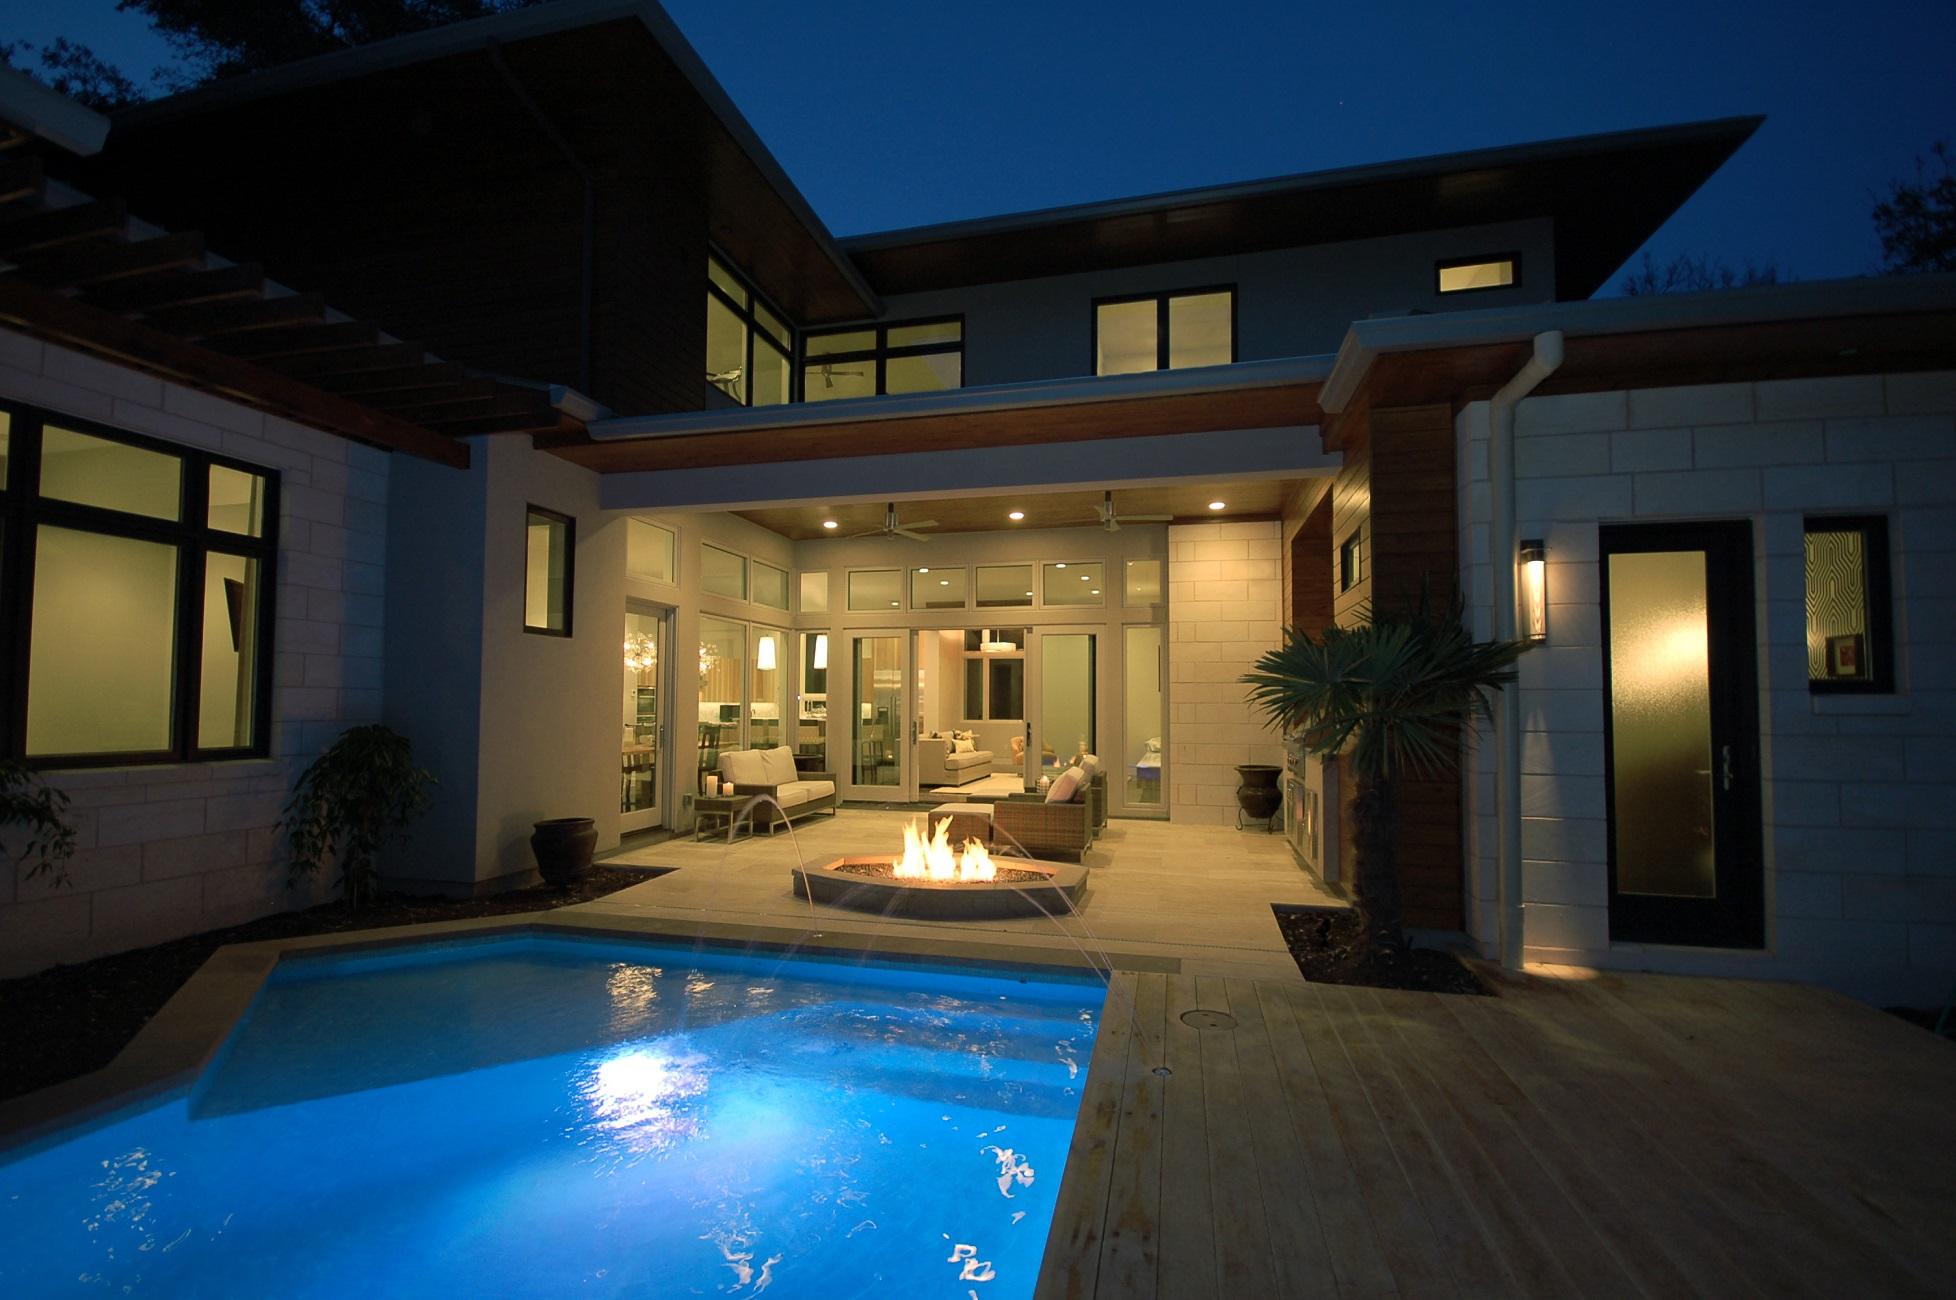 bowman-pool